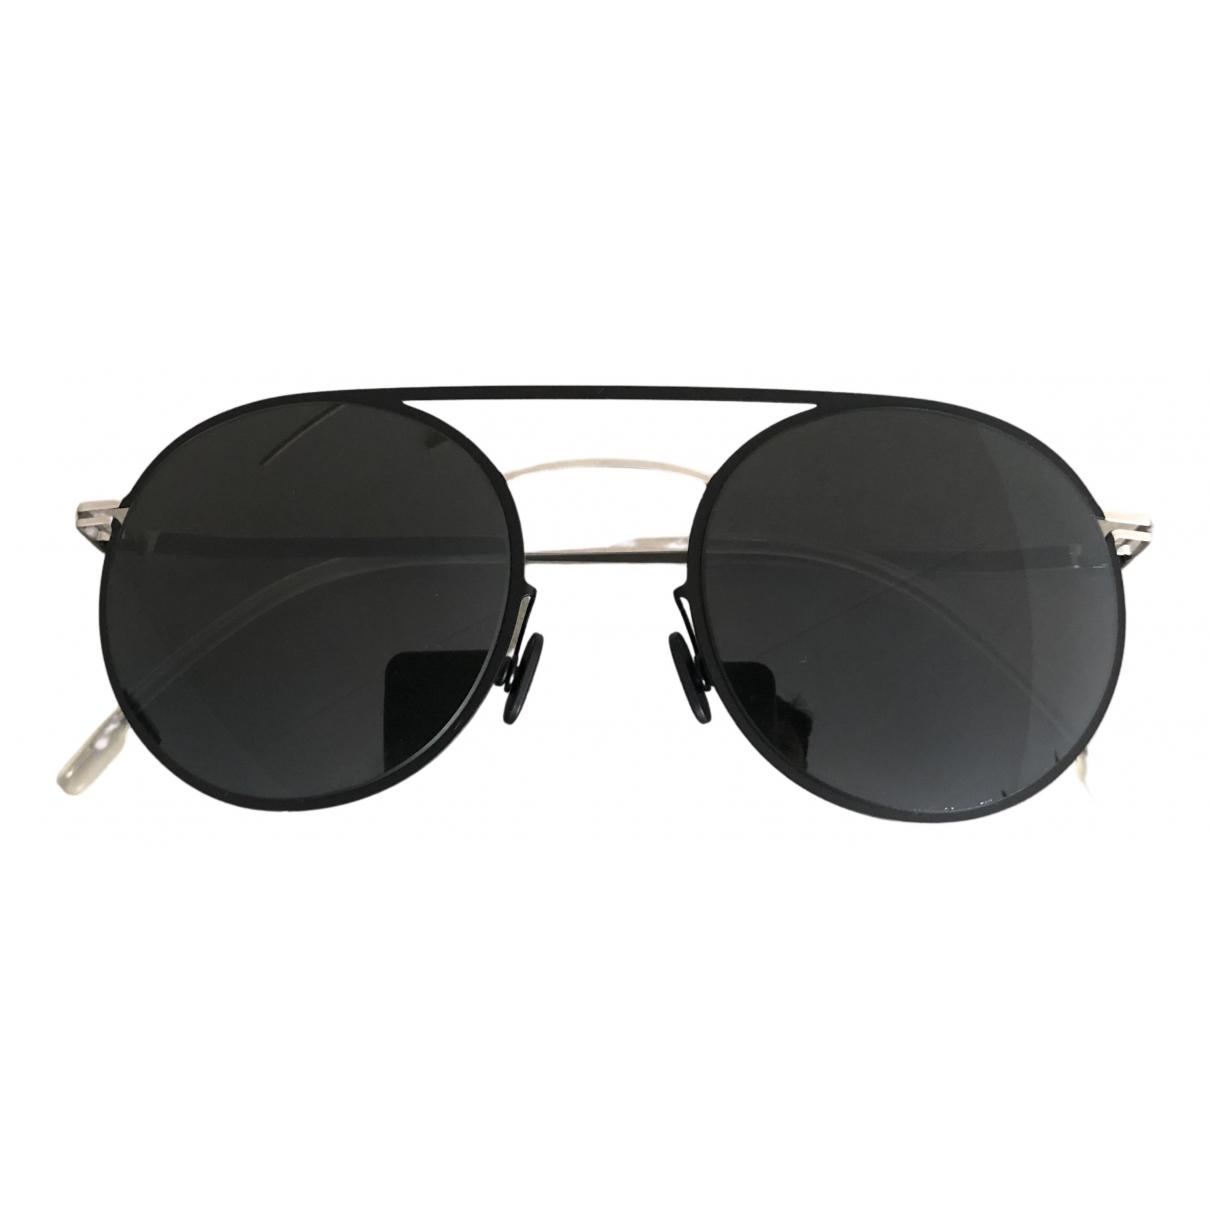 Gafas Mykita